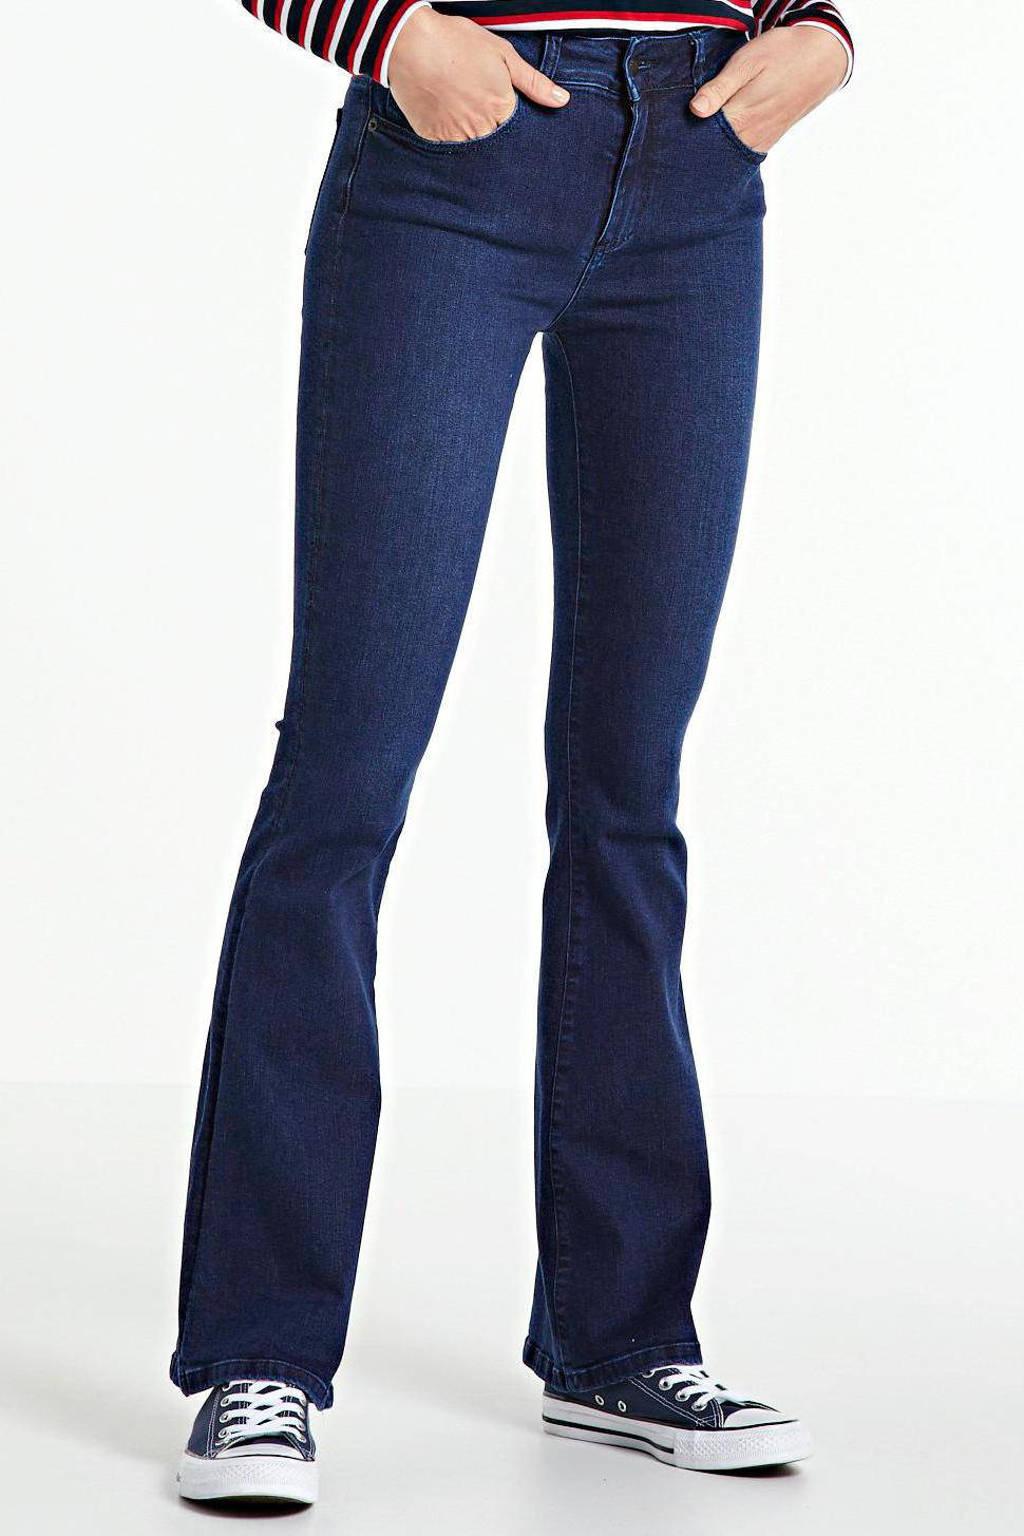 Lois high waist flared jeans Raval-16 navy blue, Navy Blue